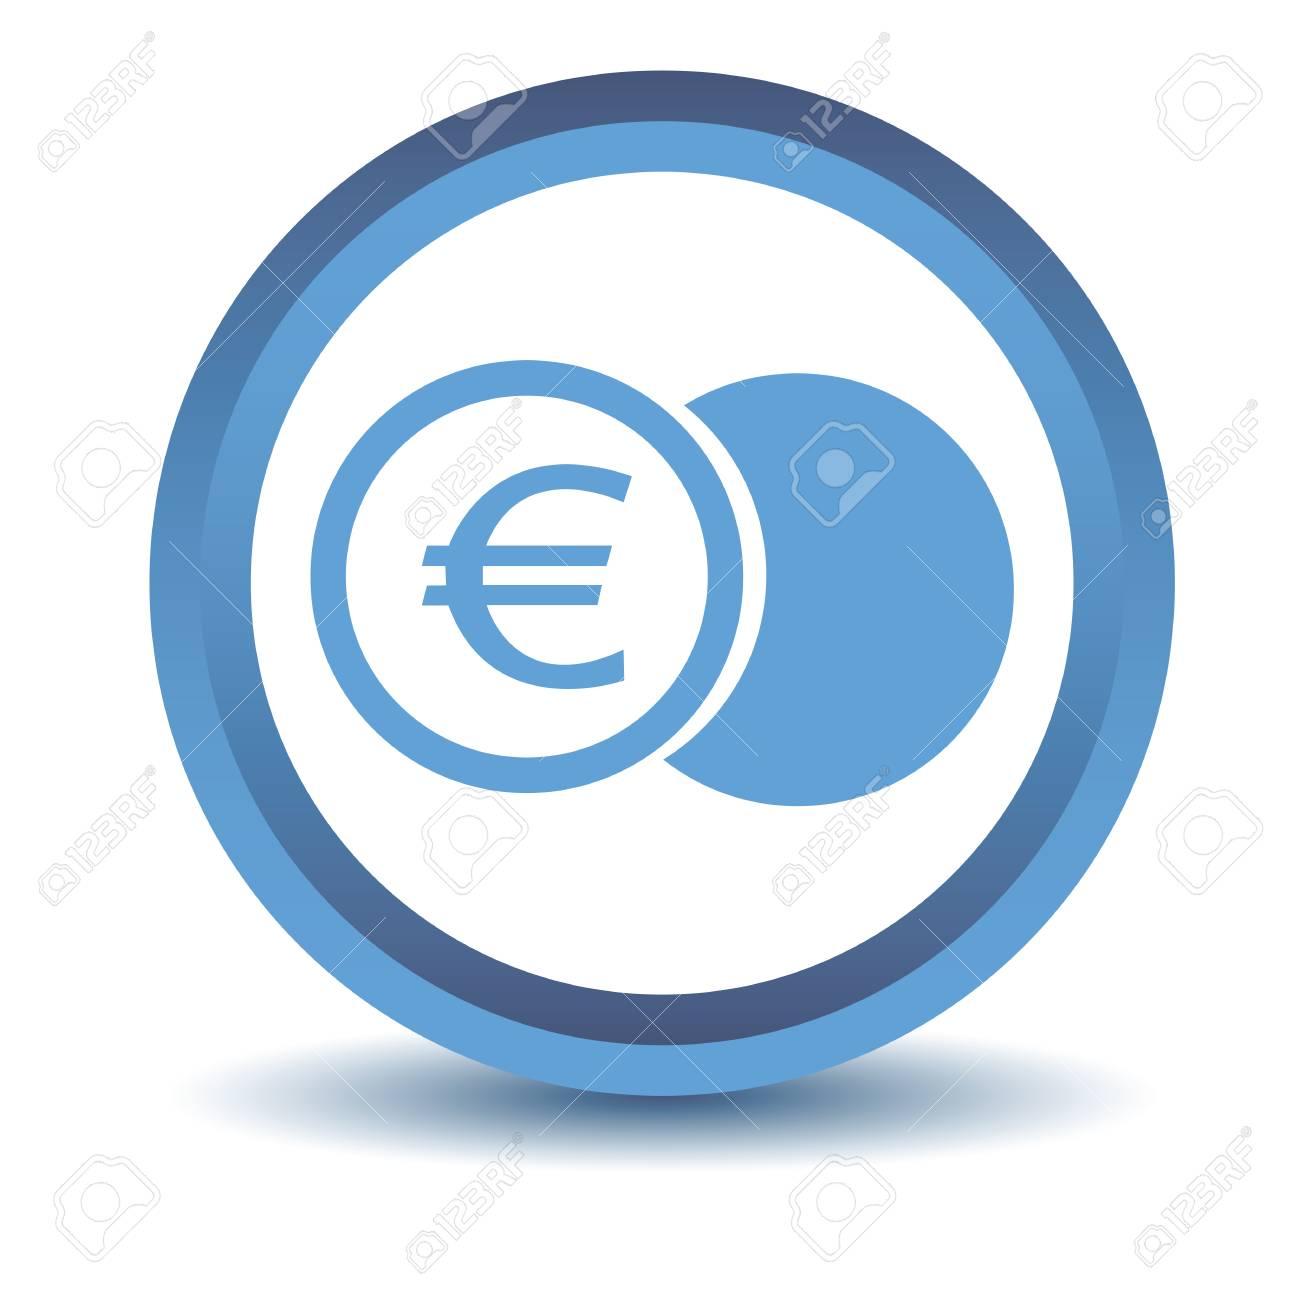 Blau Euro Münze Symbol Lizenzfrei Nutzbare Vektorgrafiken Clip Arts